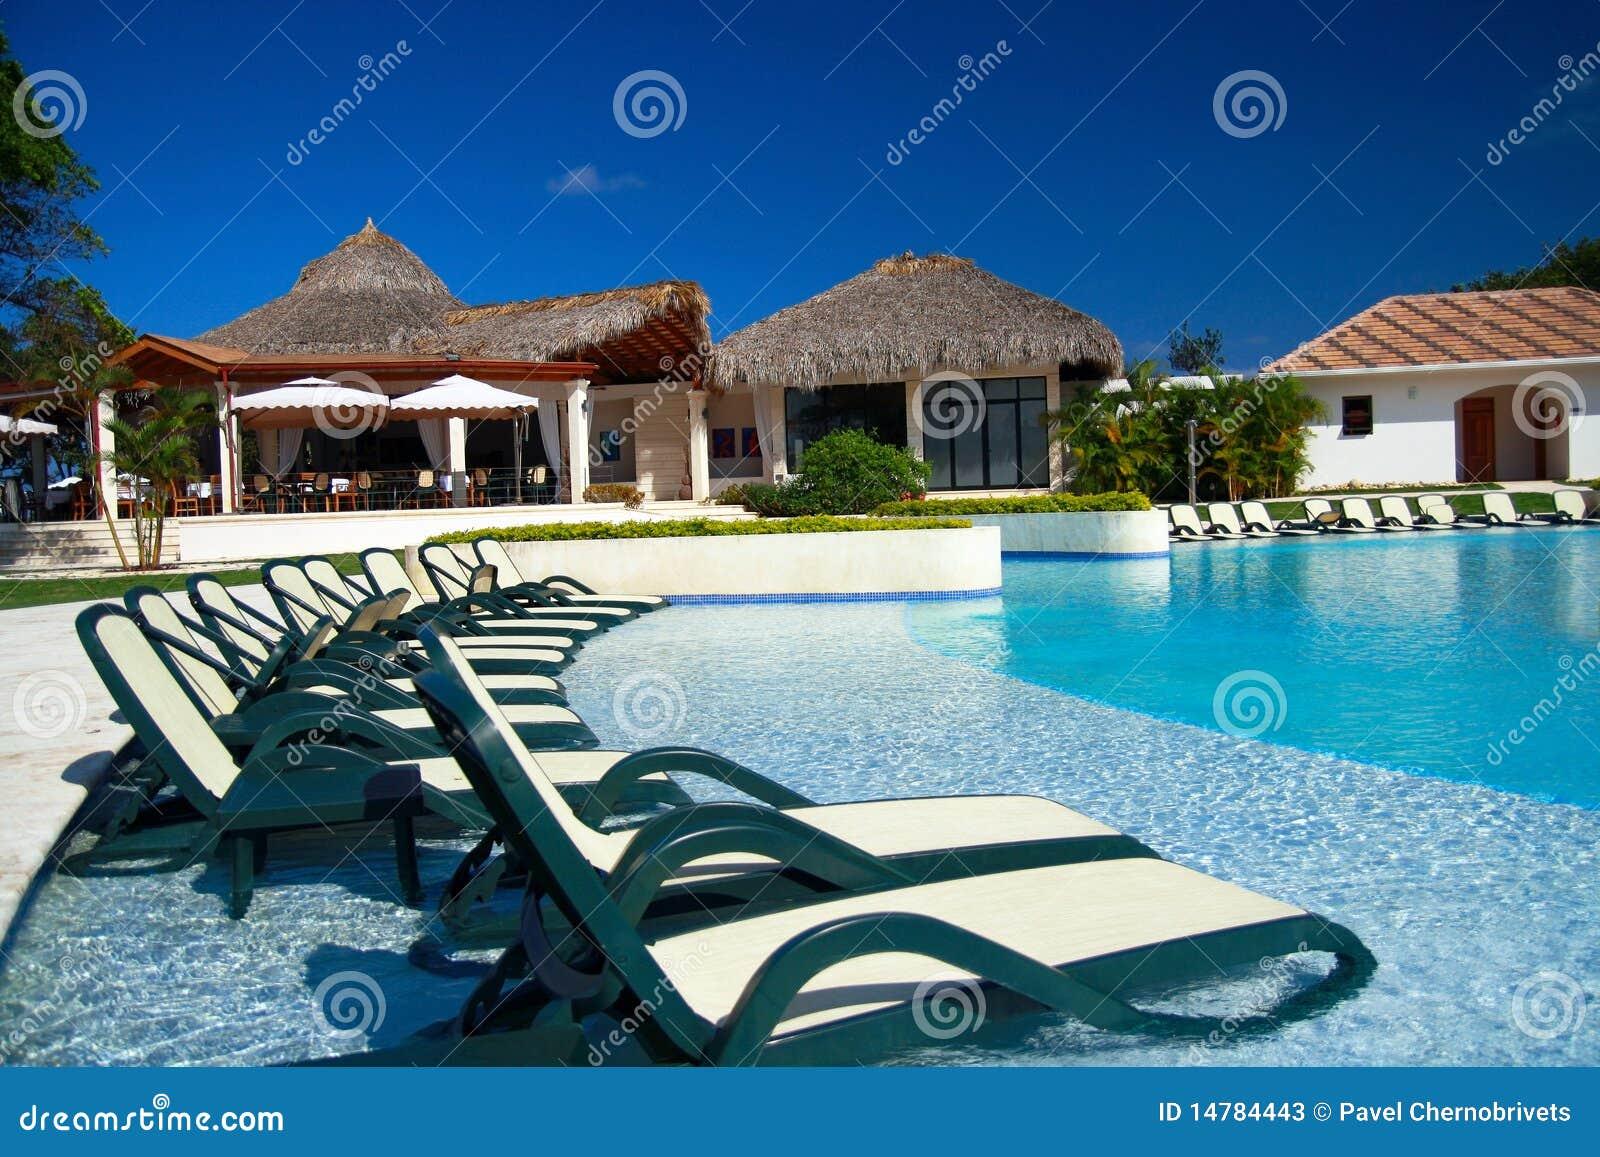 Espregui adeiras na piscina luxuosa fotos de stock - Fotos de piscina ...